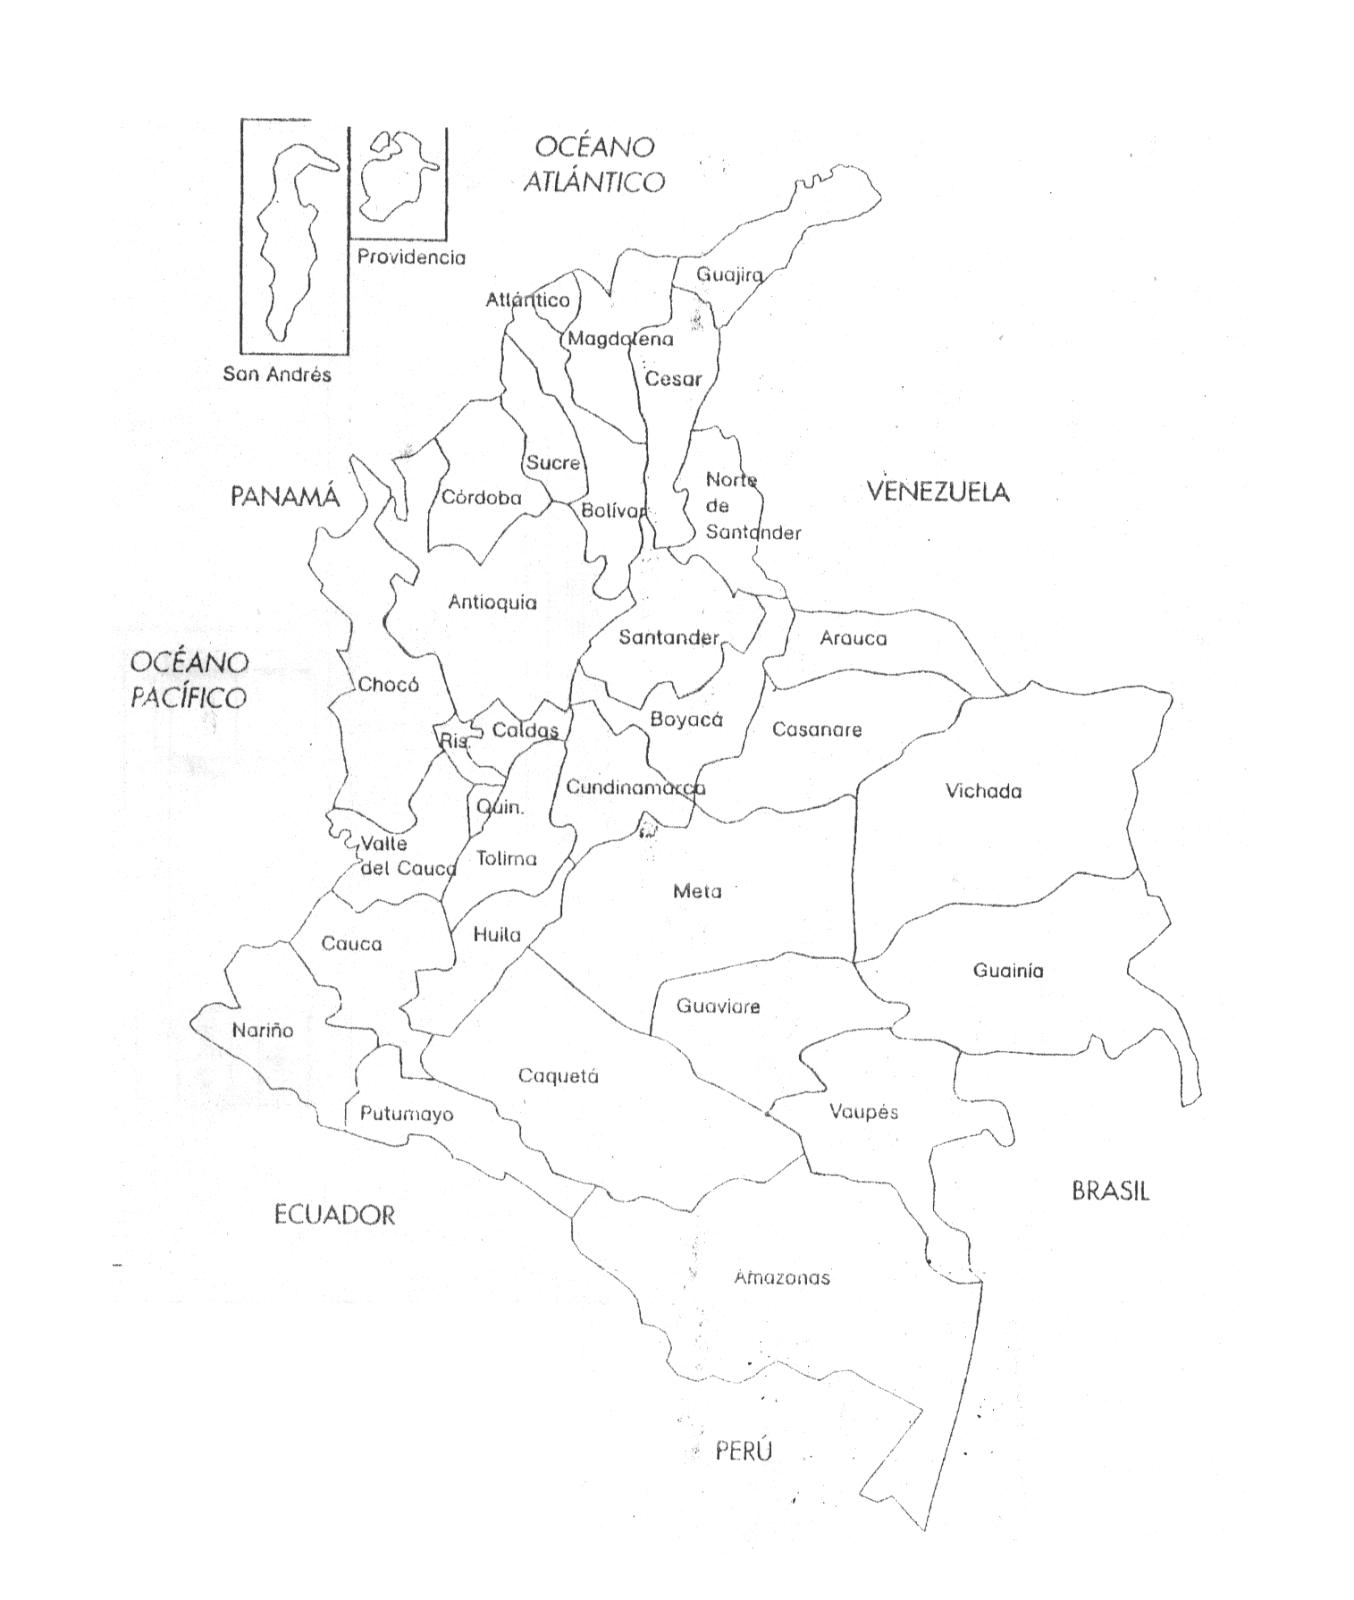 Mapa politico de Colombia con sus departamentos y Capitales blanco y negro3